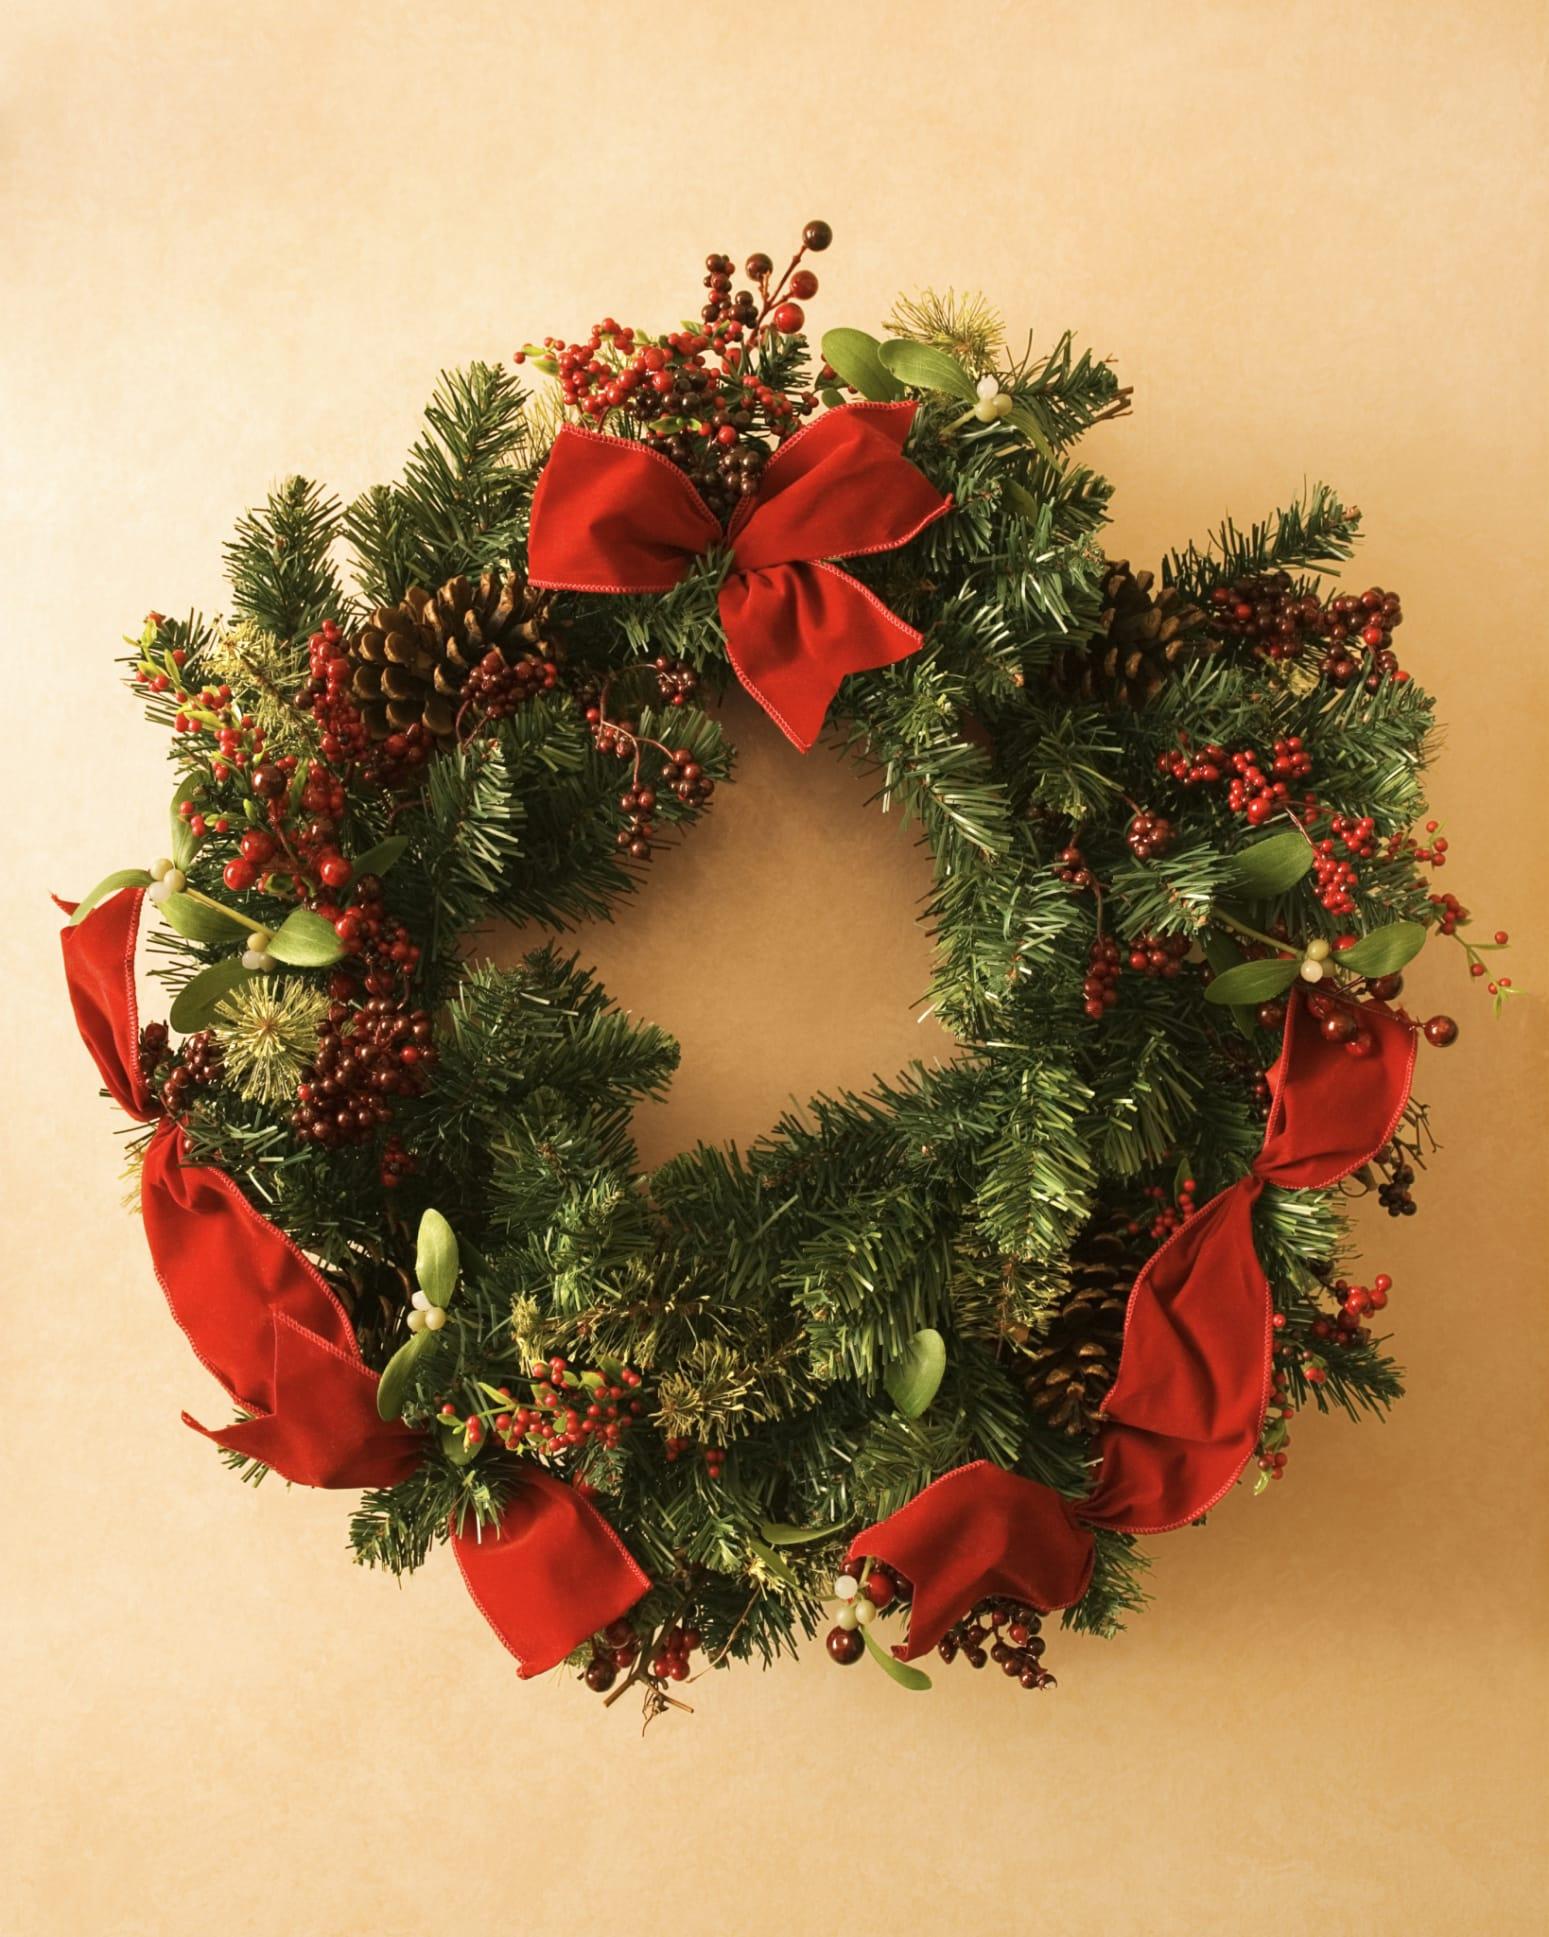 Decorazioni natalizie fai da te la ghirlanda foto non - Corone natalizie da appendere alla porta ...